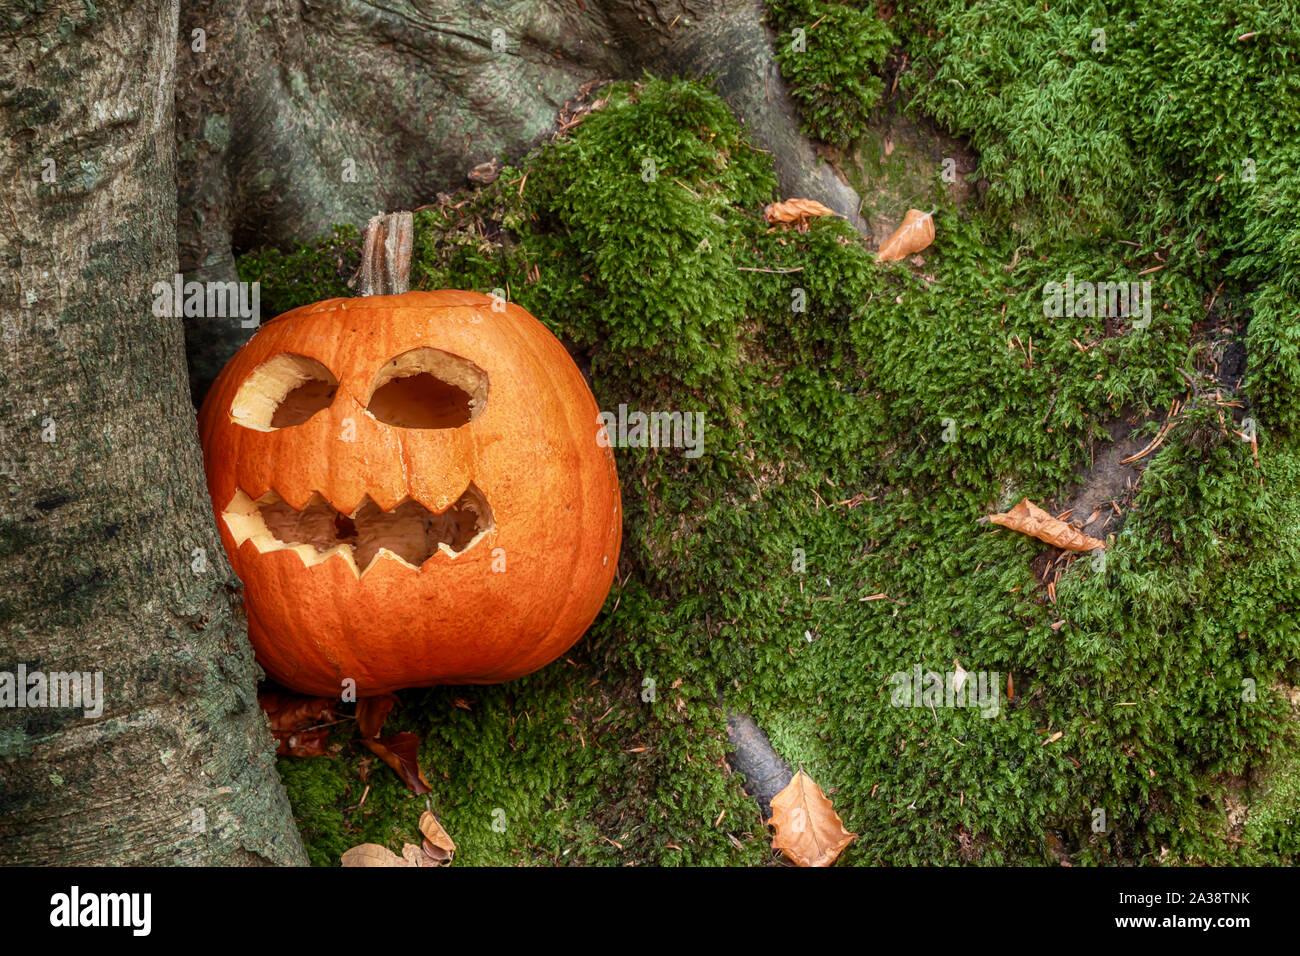 Halloween calabaza con miedo cara recortada Foto de stock